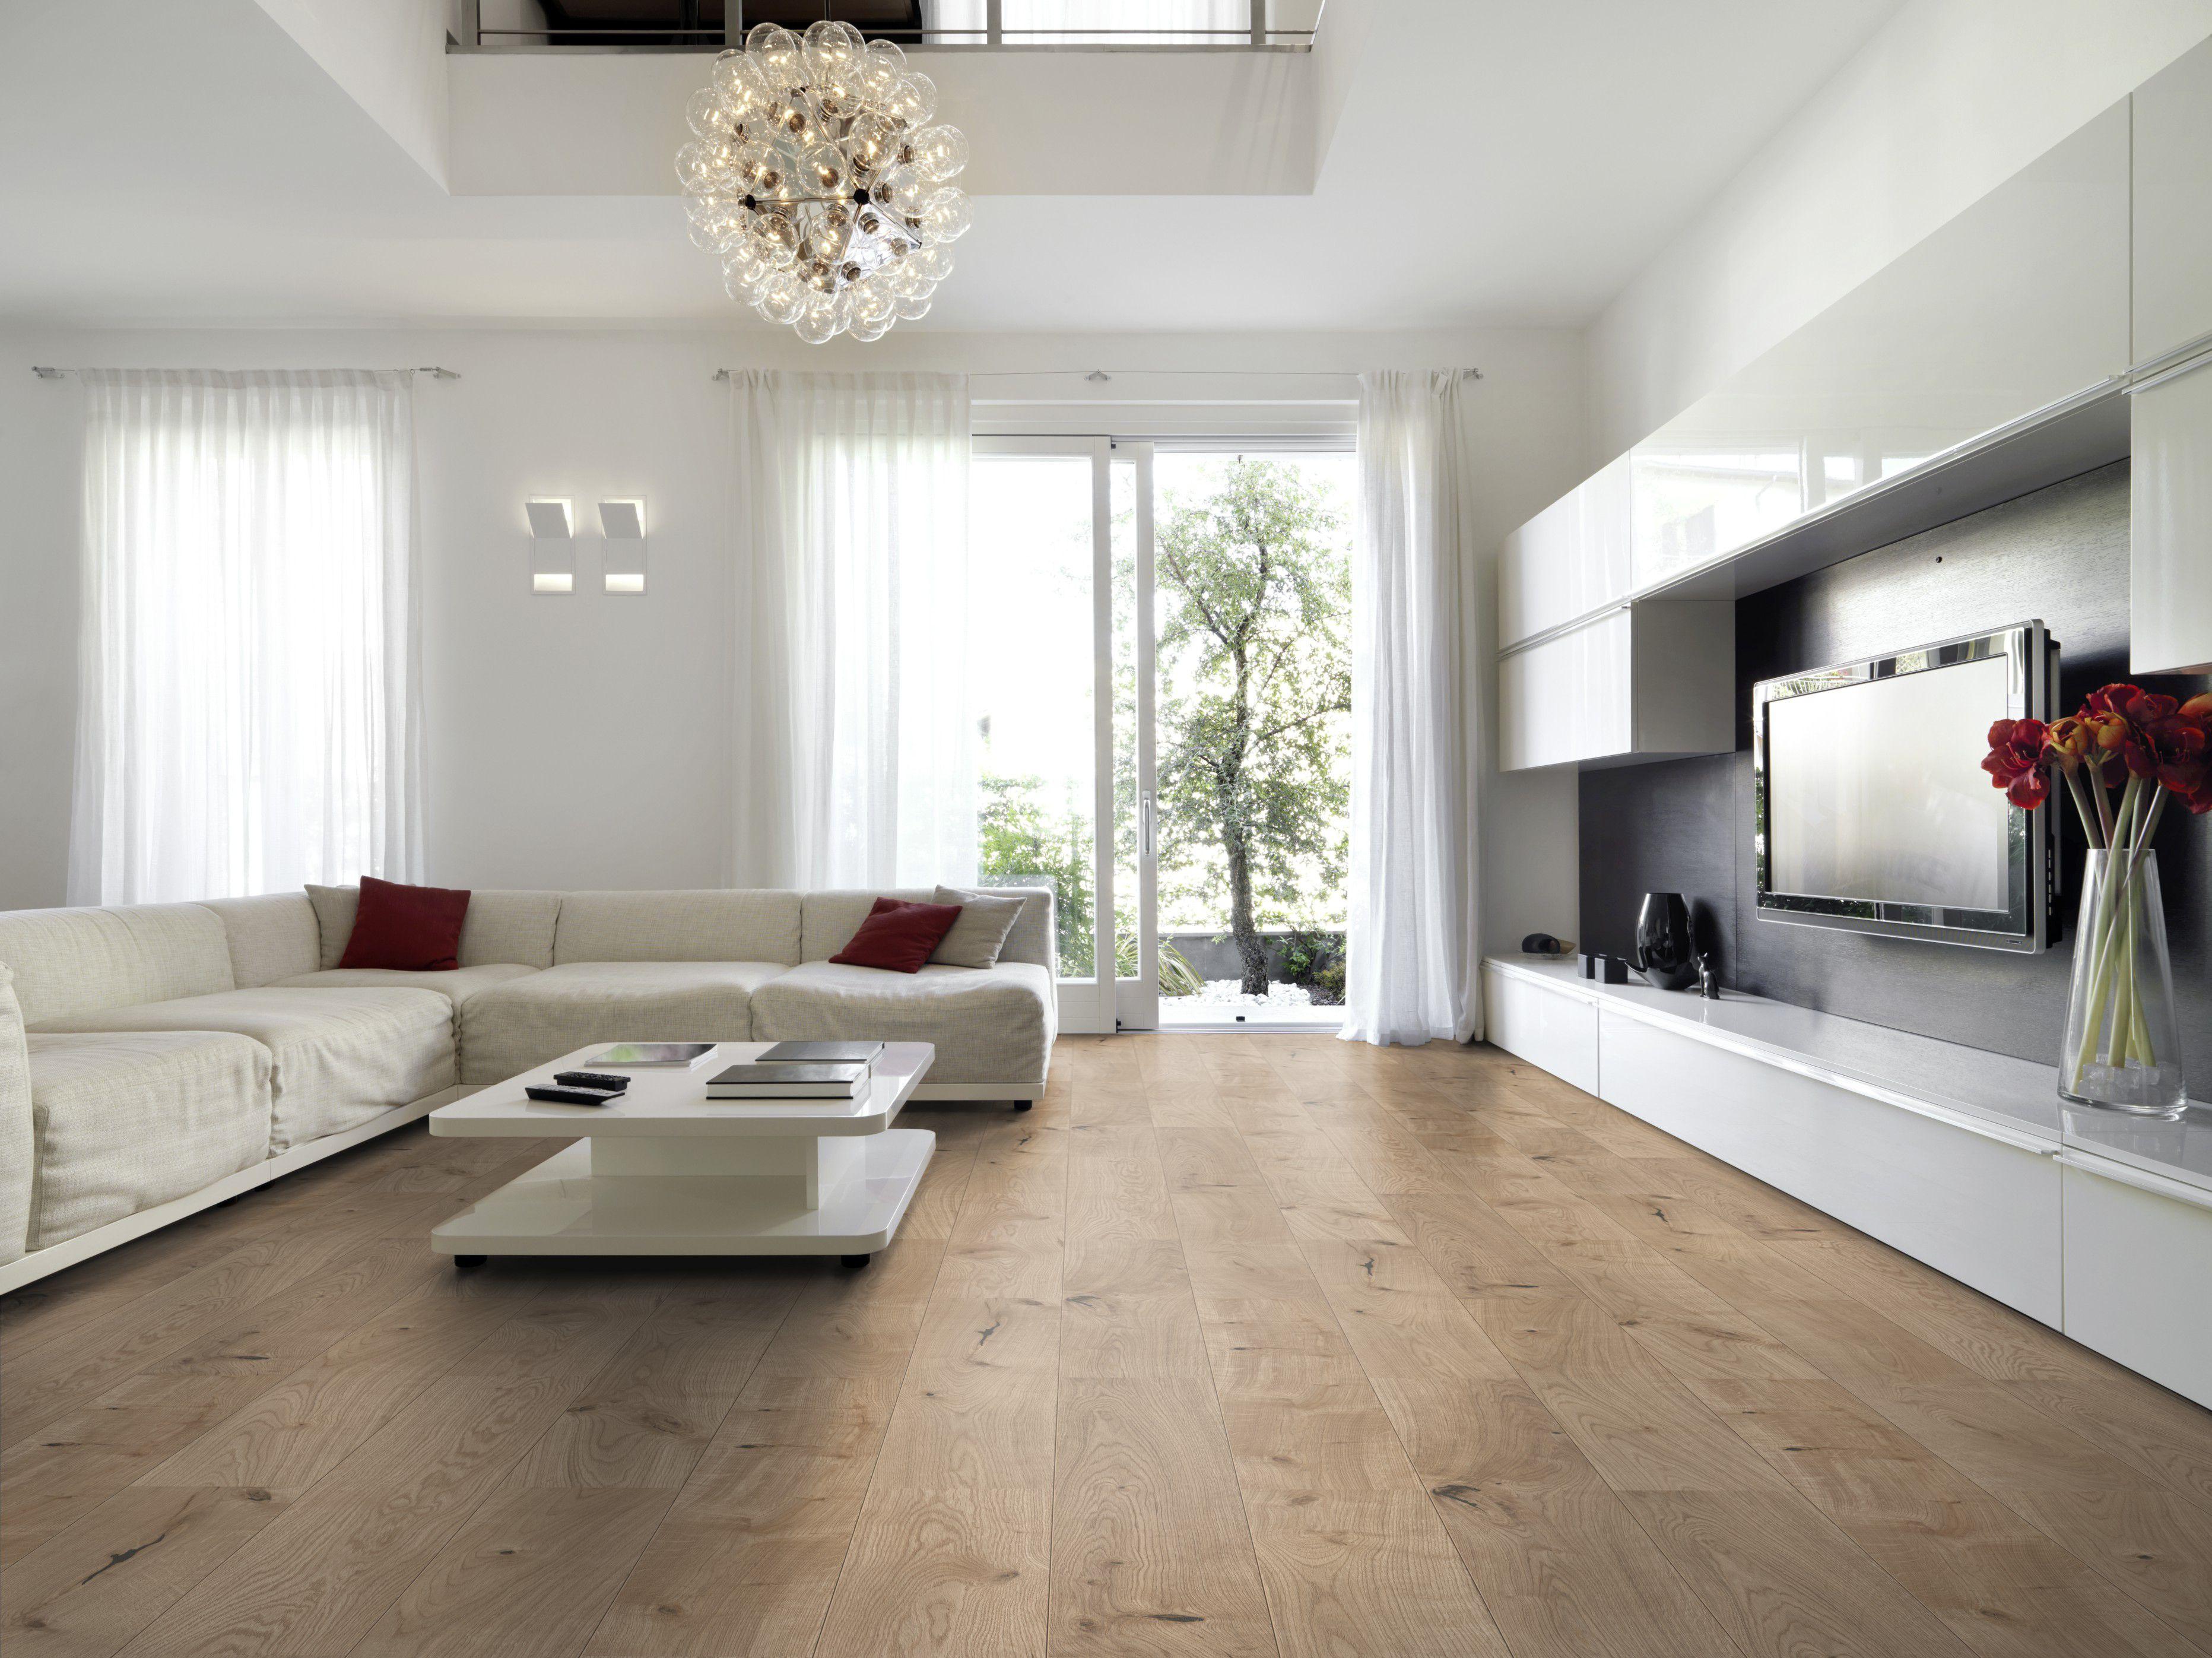 laminaat vloer licht eiken nauwelijks van echt hout te